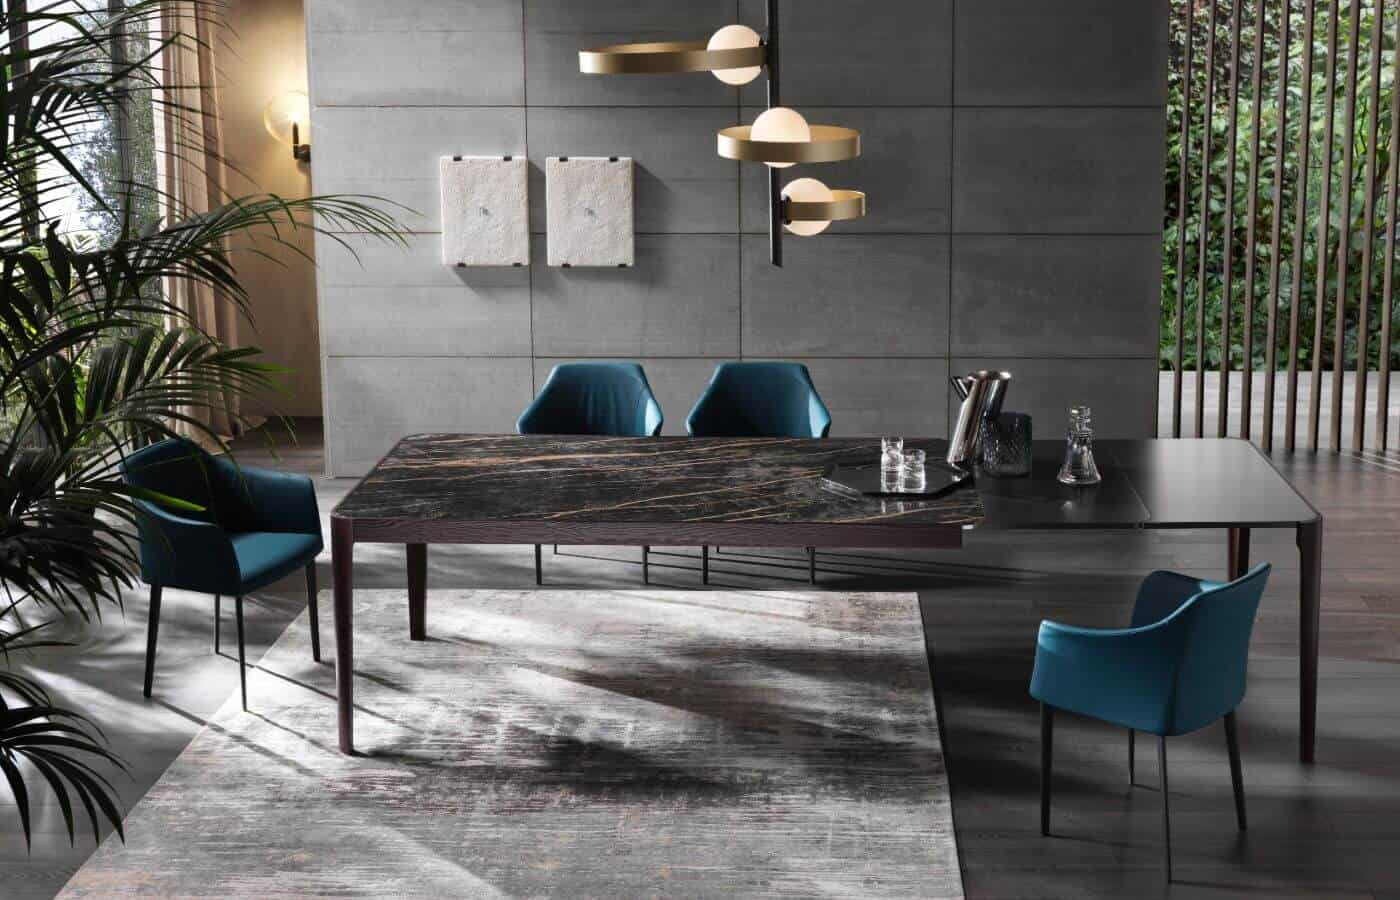 tavoli-collezione-riflessi-cross-il-mobile (1)